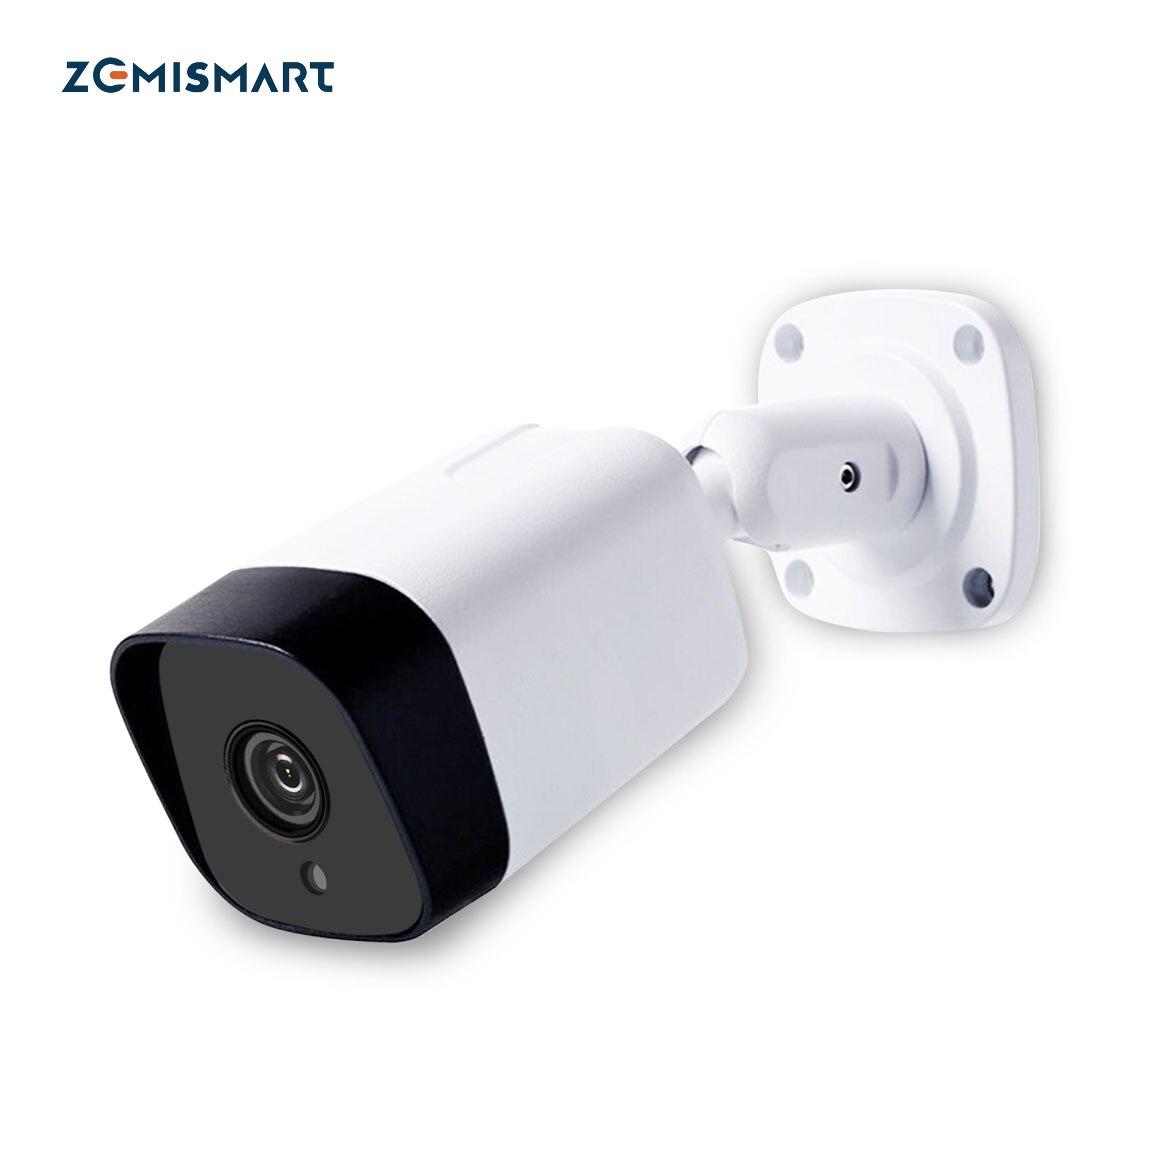 Tuya vie intelligente en plein air CCTV Len caméras IP caméra de sécurité wifi Intercome intelligent alarme de sécurité à domicile nouveau avec détection de mouvement